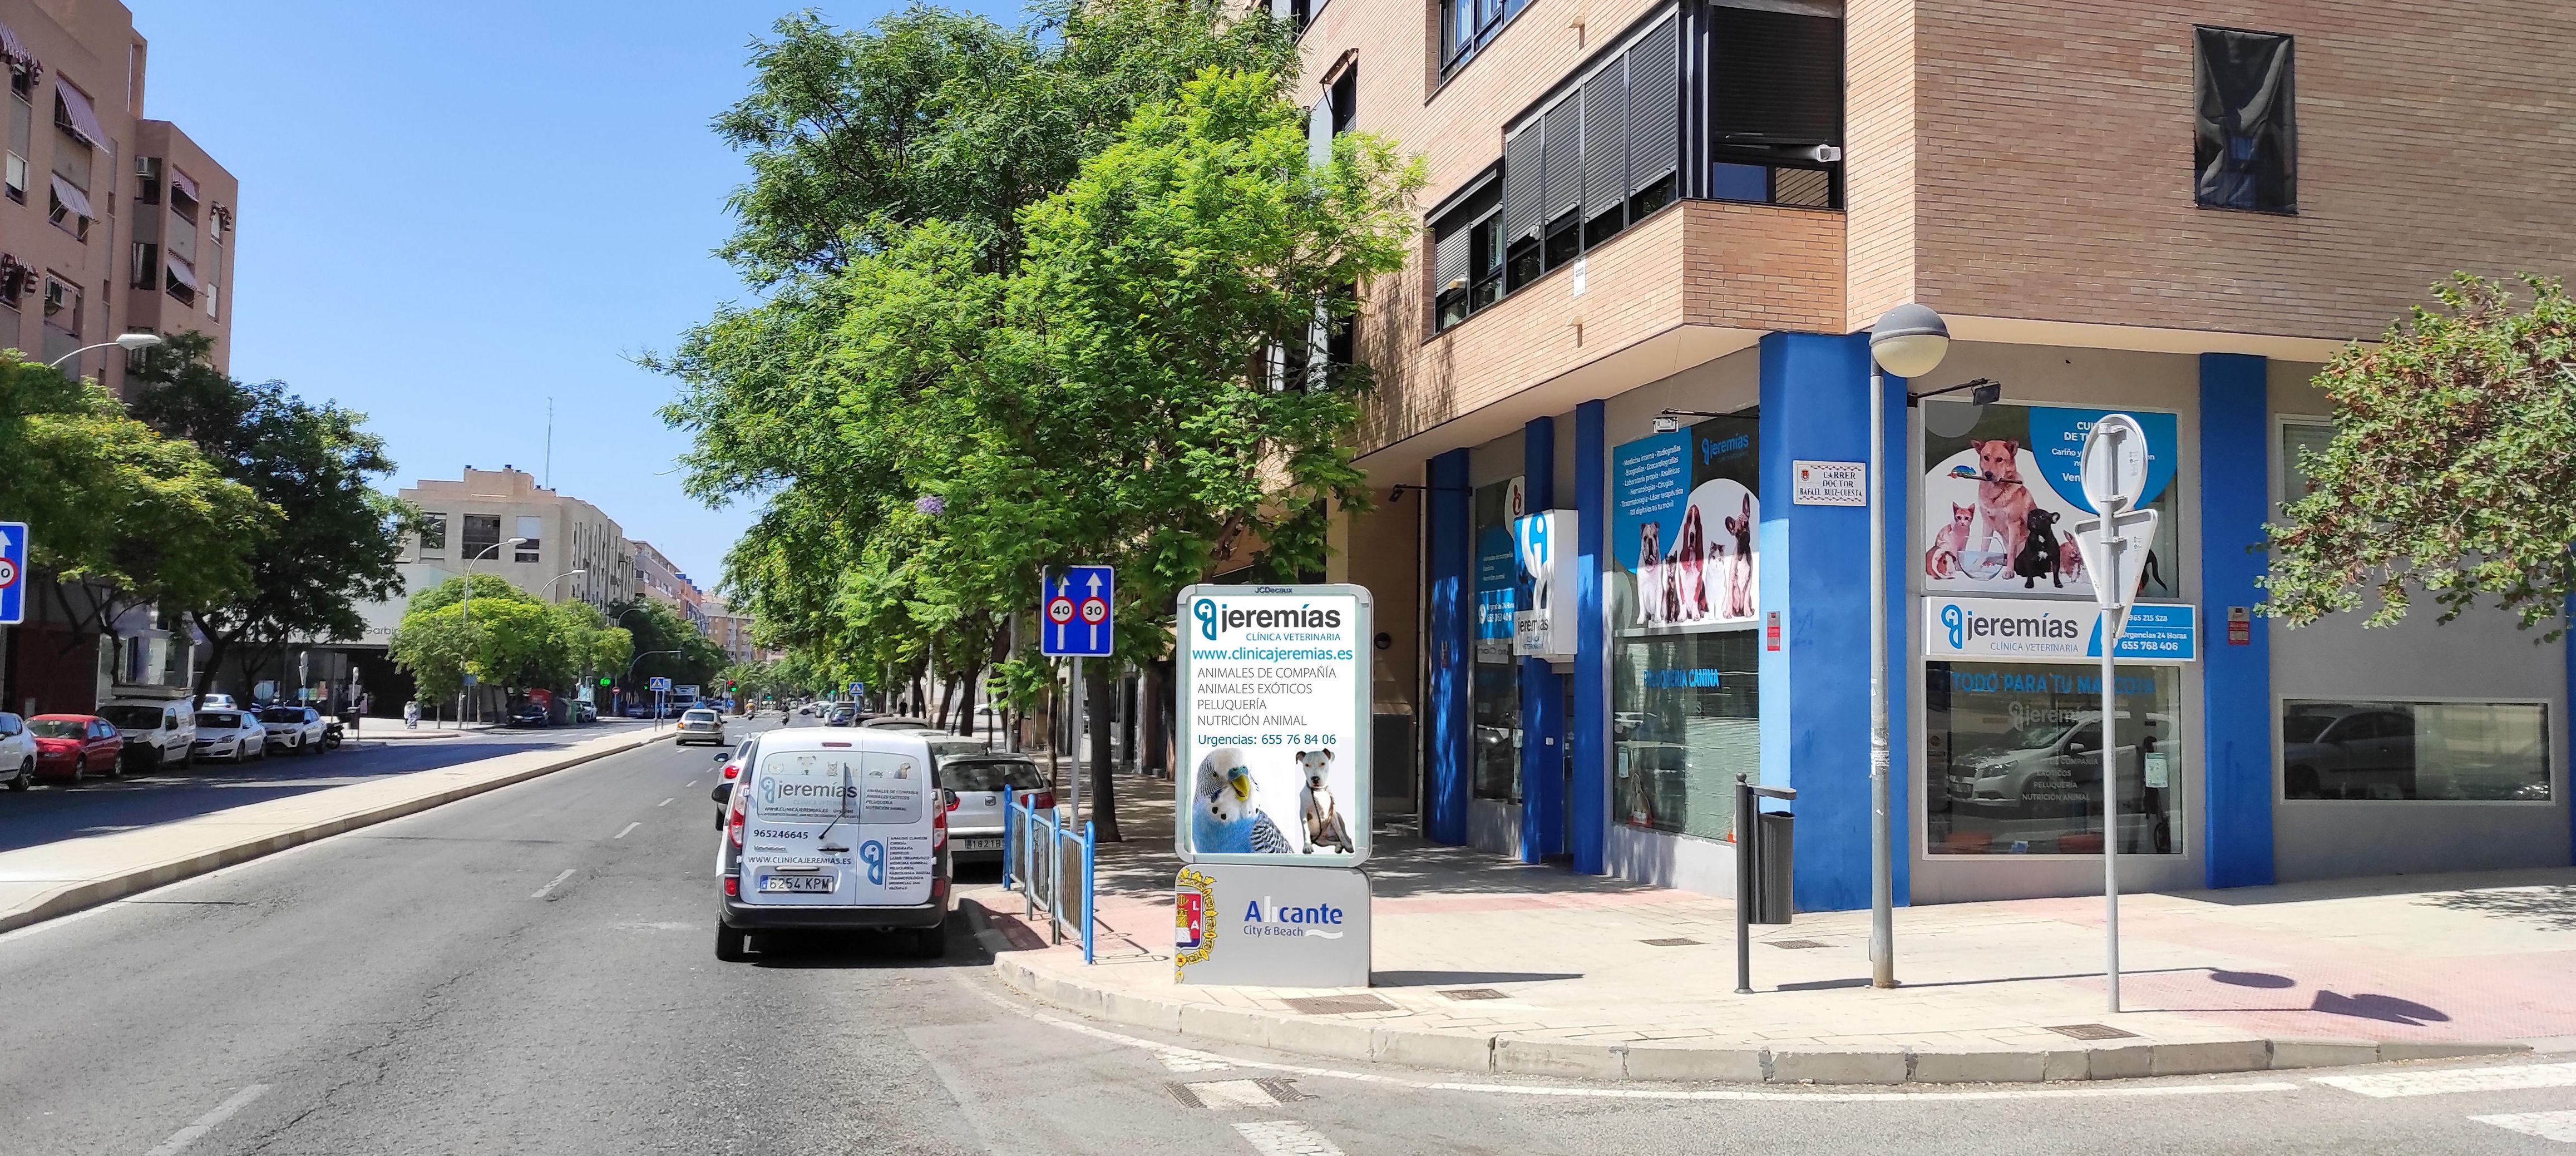 Foto 9 de Clínica veterinaria en    Clínica Jeremías